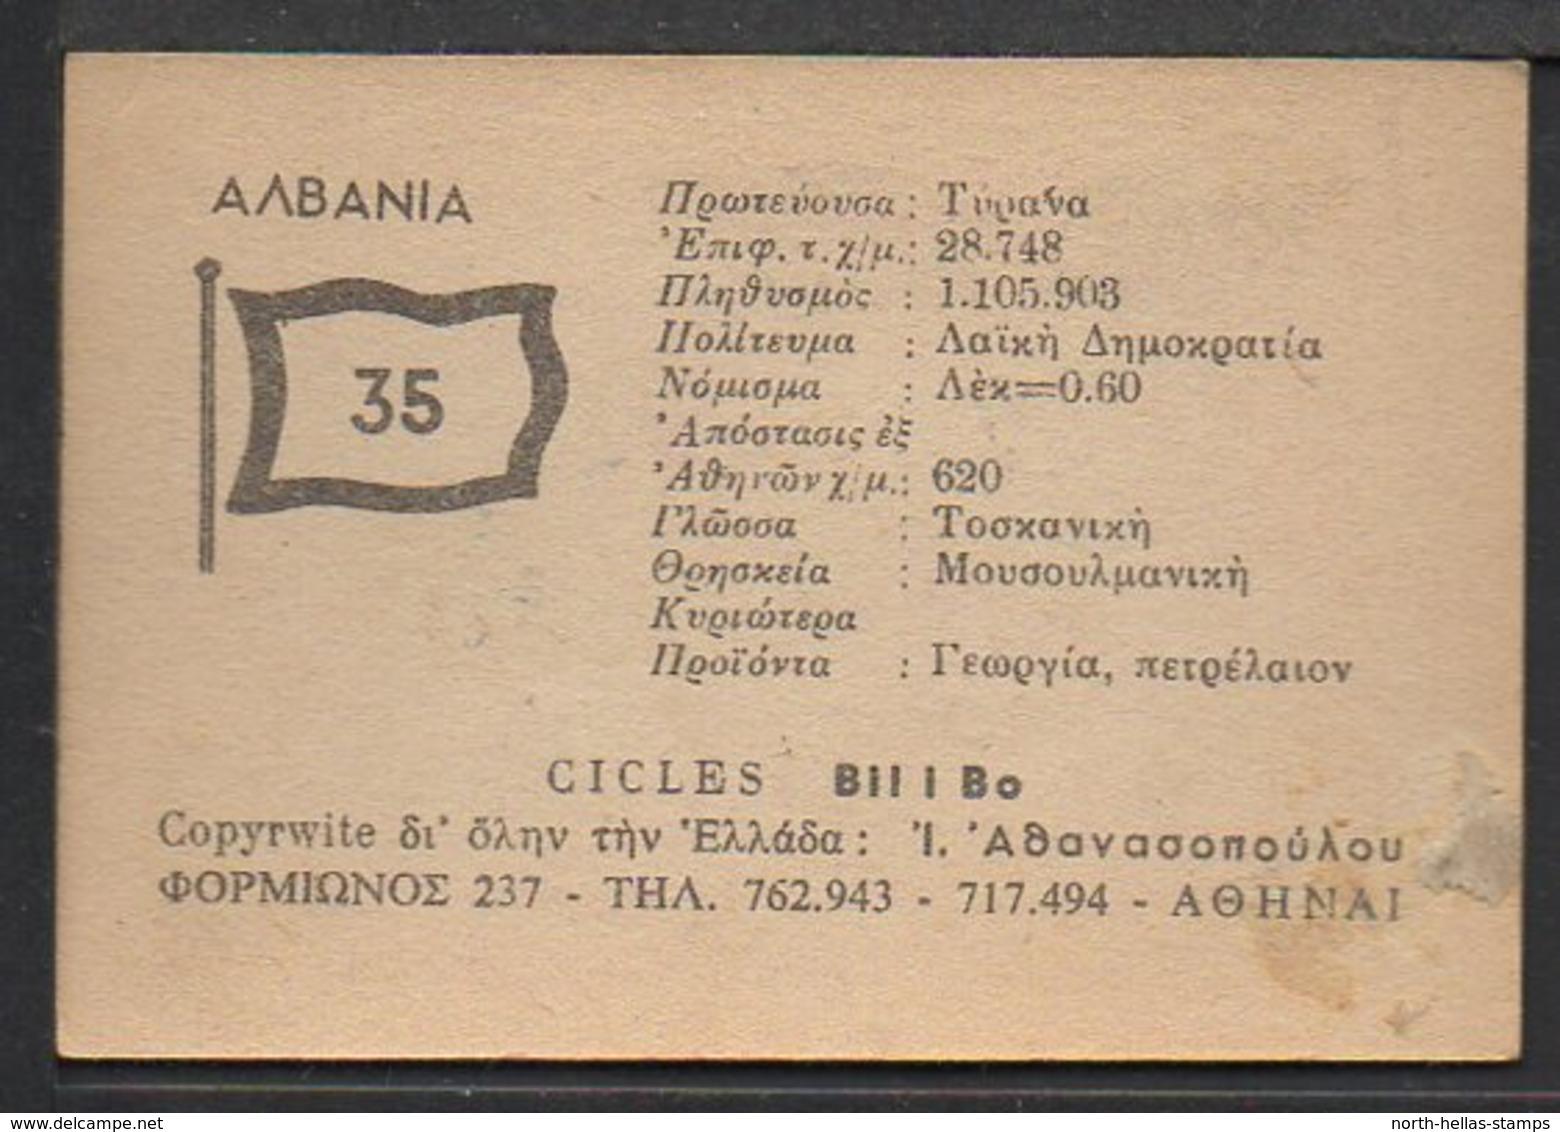 """(Μ-035) ALBANIA Costumes And Flags Of The World - Old 60's Original Greek Card Of """"Bil I Bo"""" Mastic - Unclassified"""